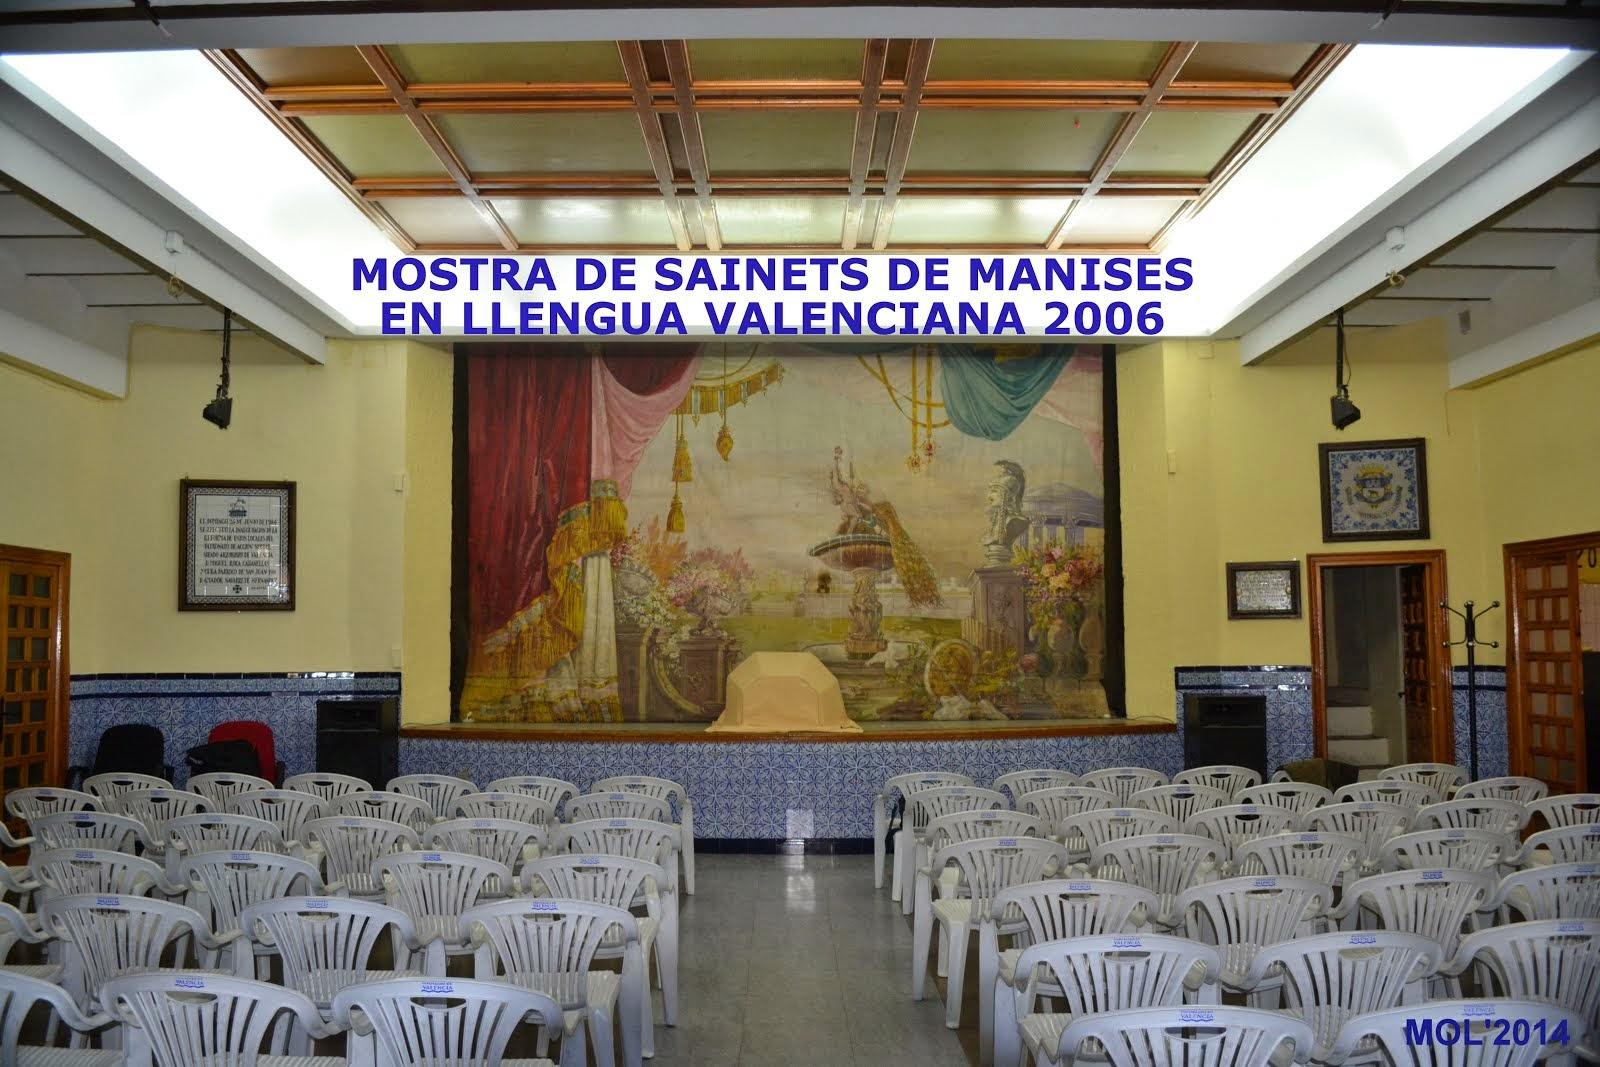 MOSTRA DE SAINETS DE MANISES EN LLENGUA VALENCIANA 2006